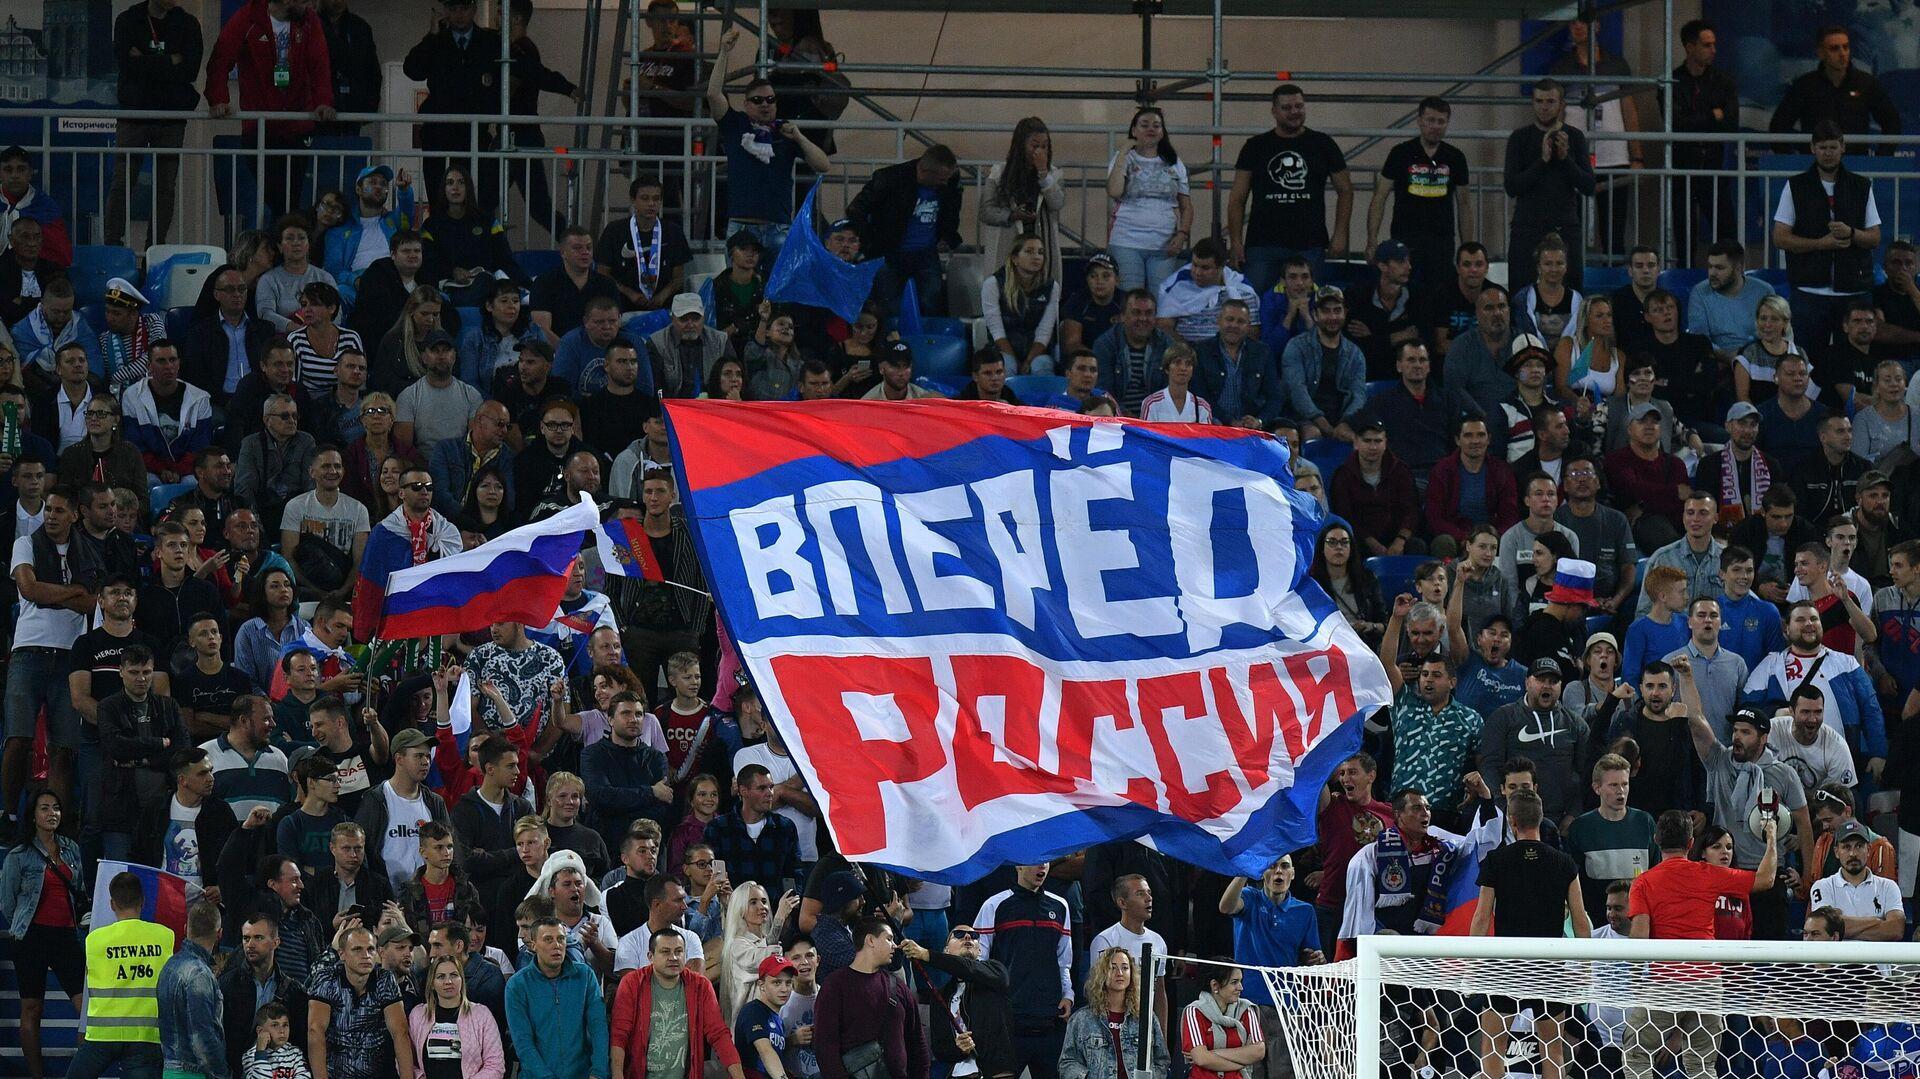 Отборочный матч ЧЕ-2020 Россия - Казахстан - РИА Новости, 1920, 22.12.2020